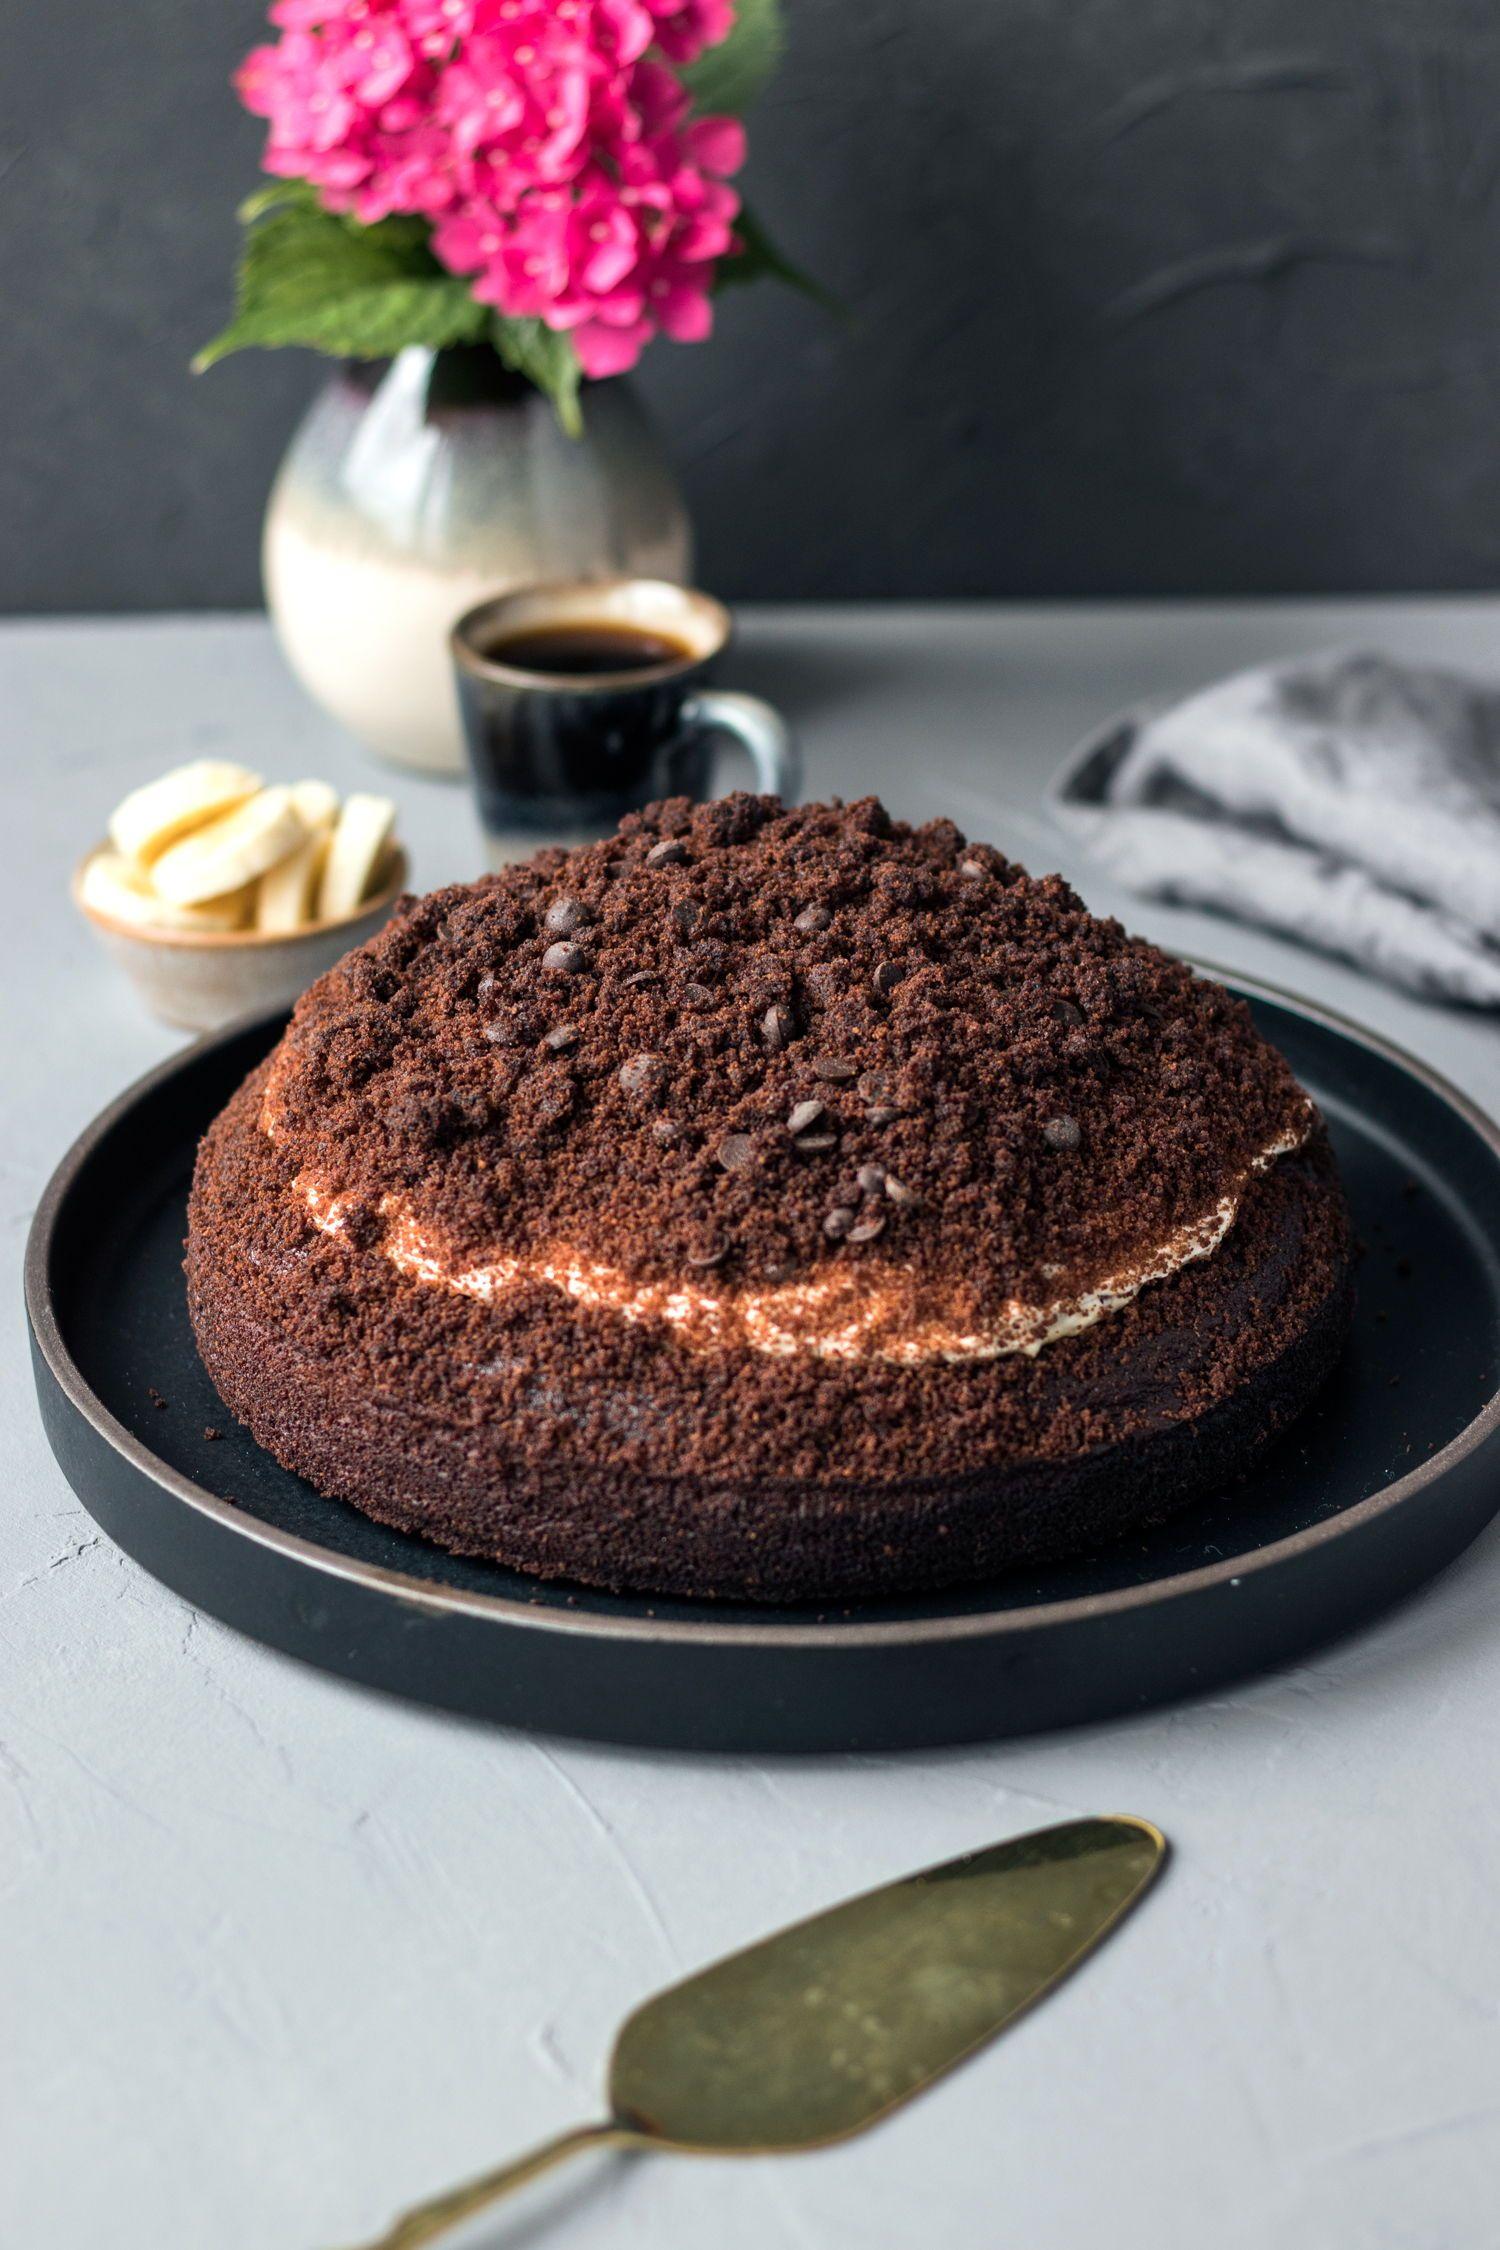 Glutenfreier Und Veganer Maulwurfkuchen Rezept Maulwurfkuchen Lebensmittel Essen Und Kuchen Rezepte